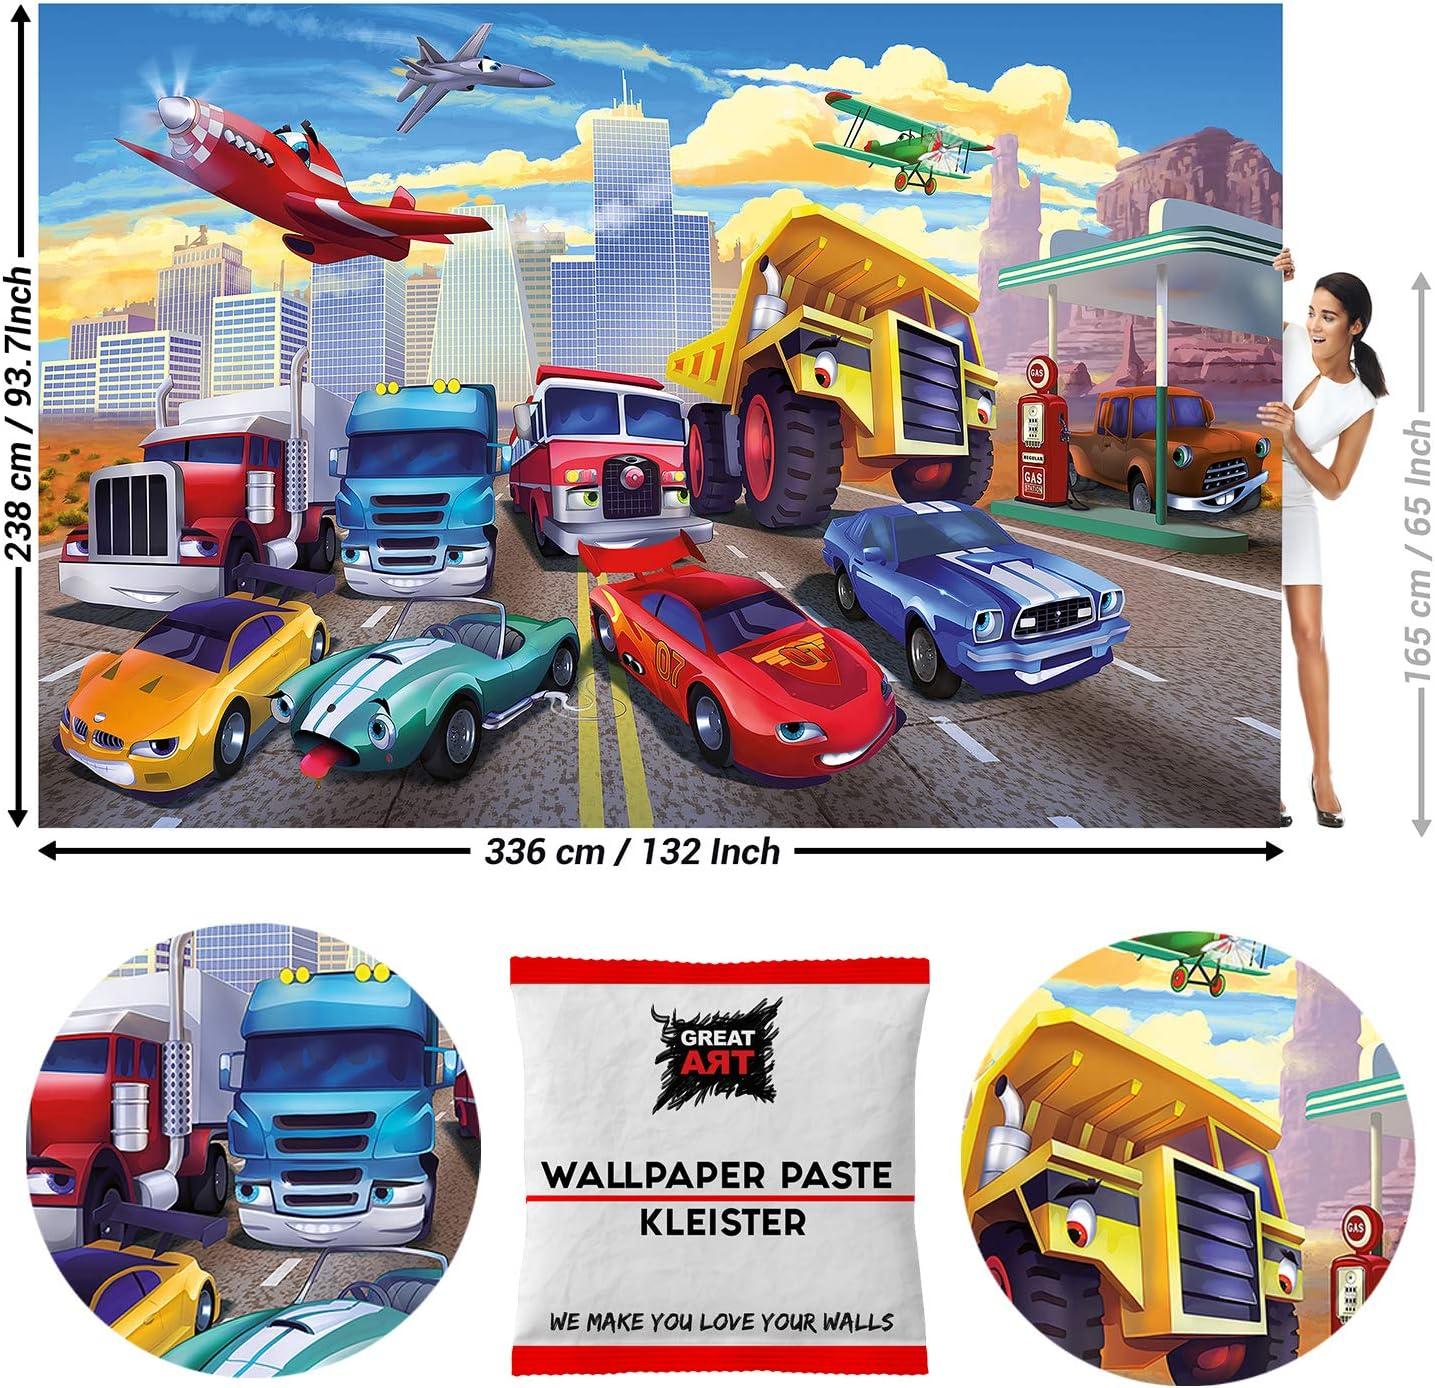 GREAT ART Foto Mural de Playa y Palmas Papel Pintado 5 Piezas incluye Pasta para pegar Decoraci/ón Hogar Poster Tropical 210 x 140 cm